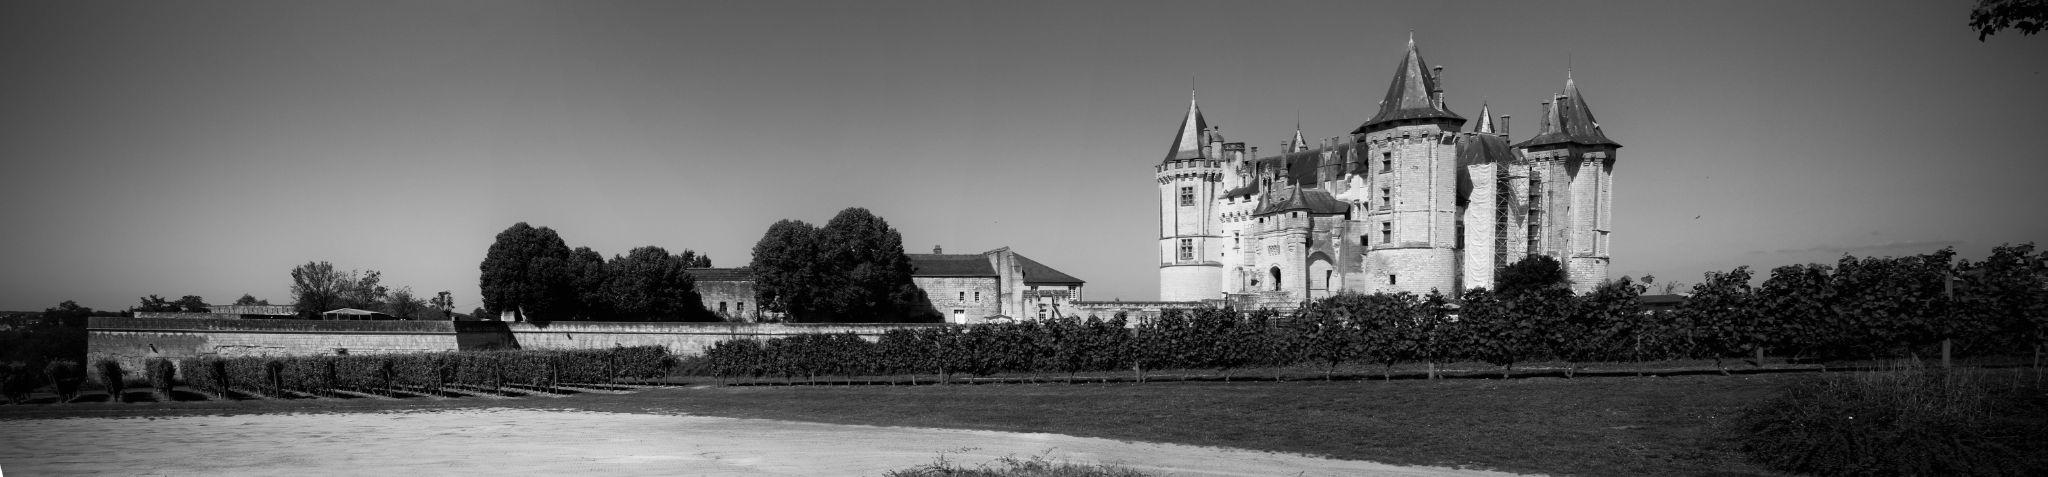 Castle of Saumur by emmanuel liegeois